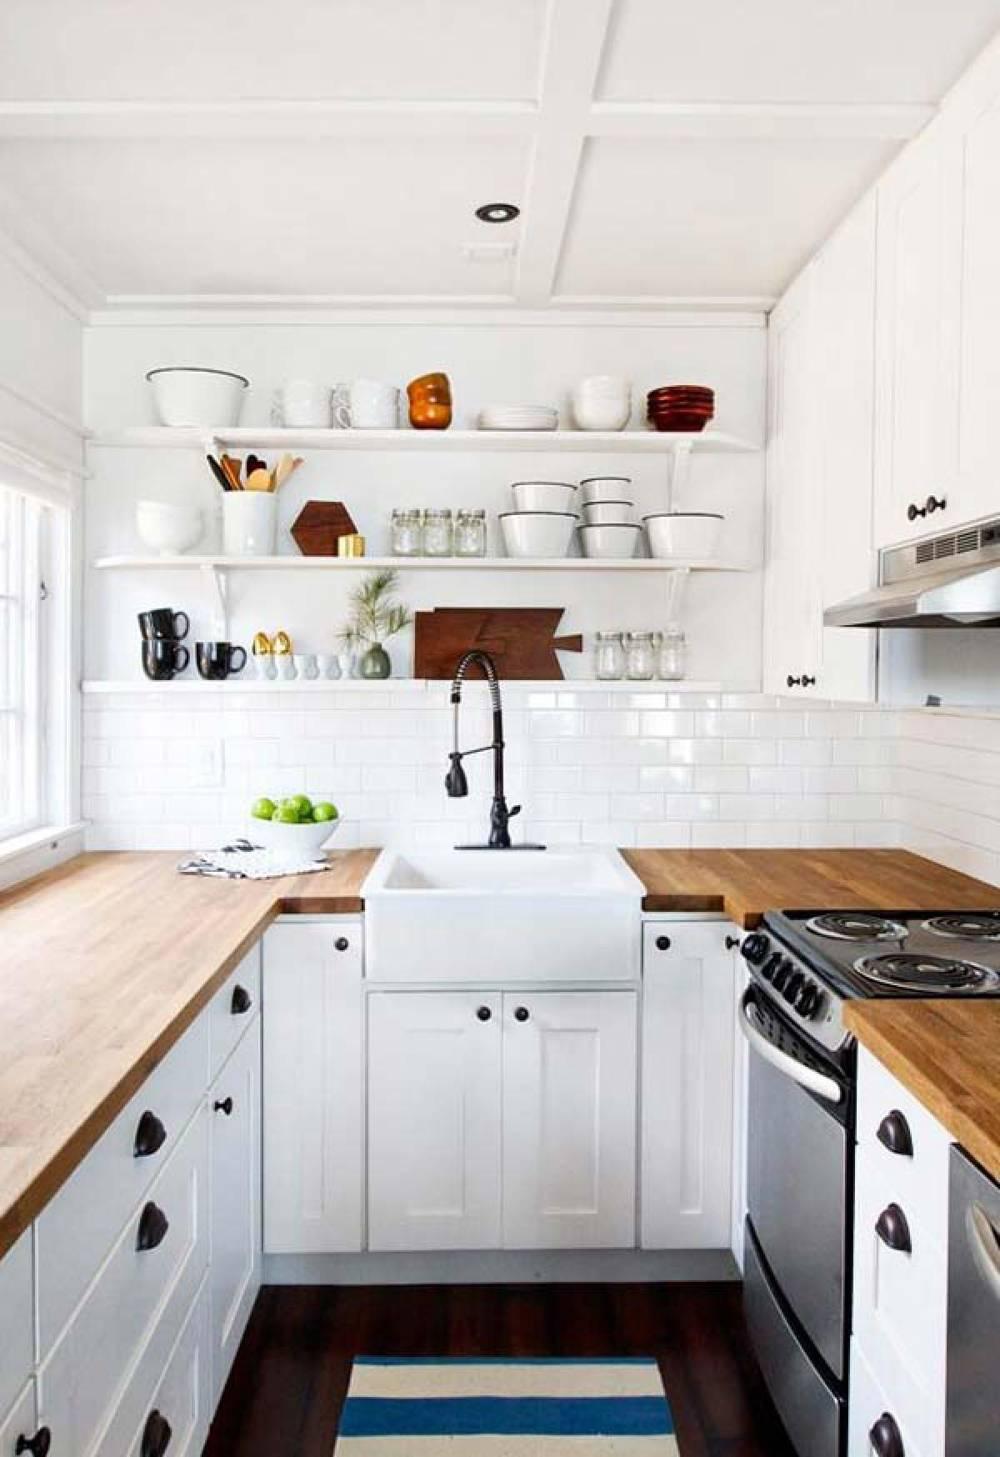 Cocinas peque as modernas y funcionales revista - Cocinas pequenas y modernas ...